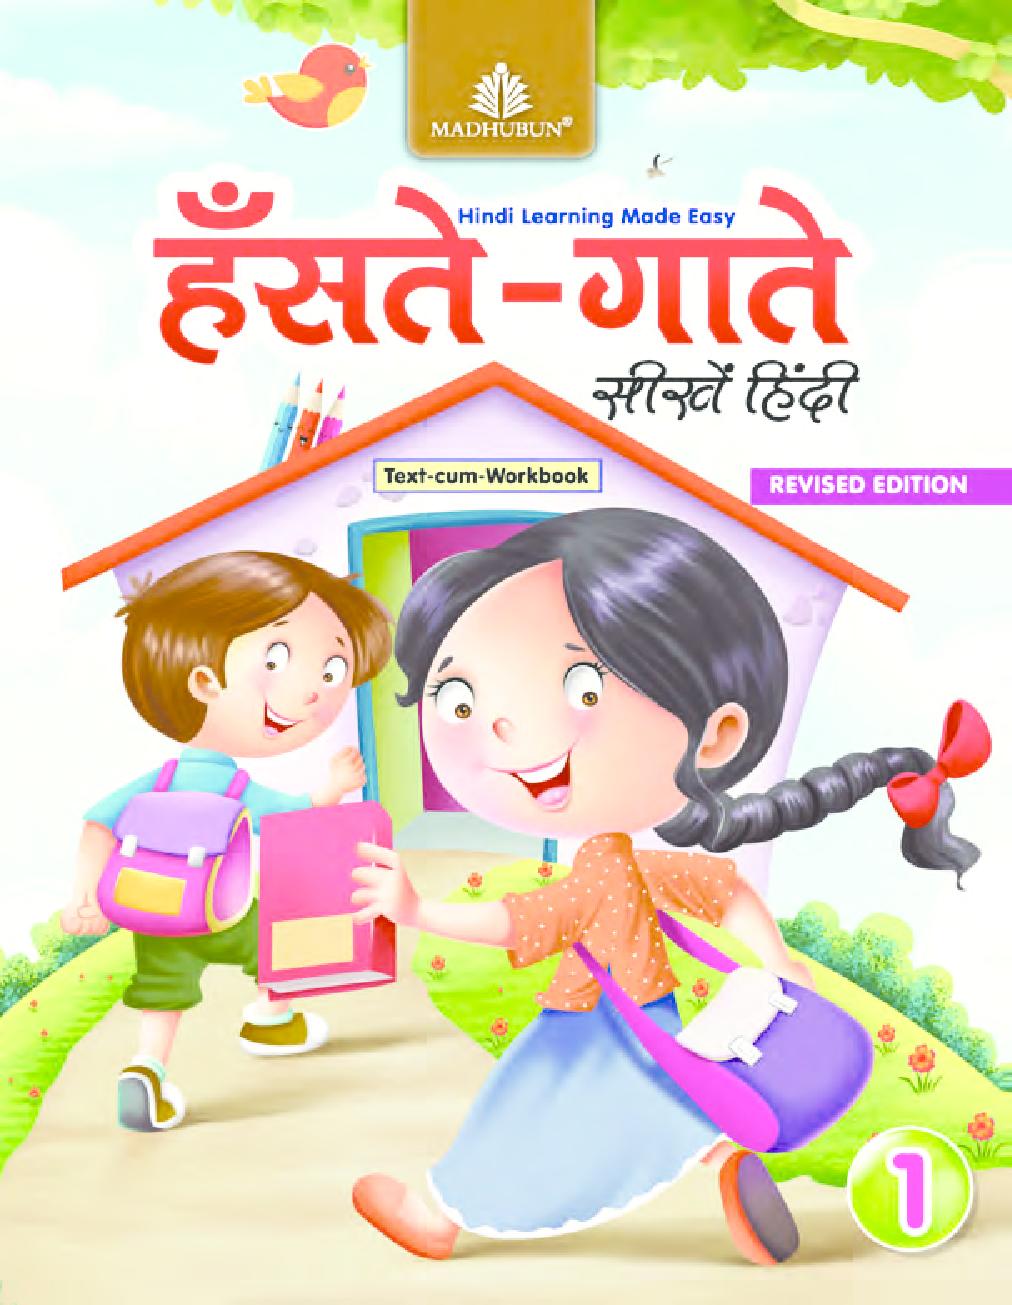 हँसते - गाते सीखें हिंदी Text-Cum - Workbook - 1 - Page 1